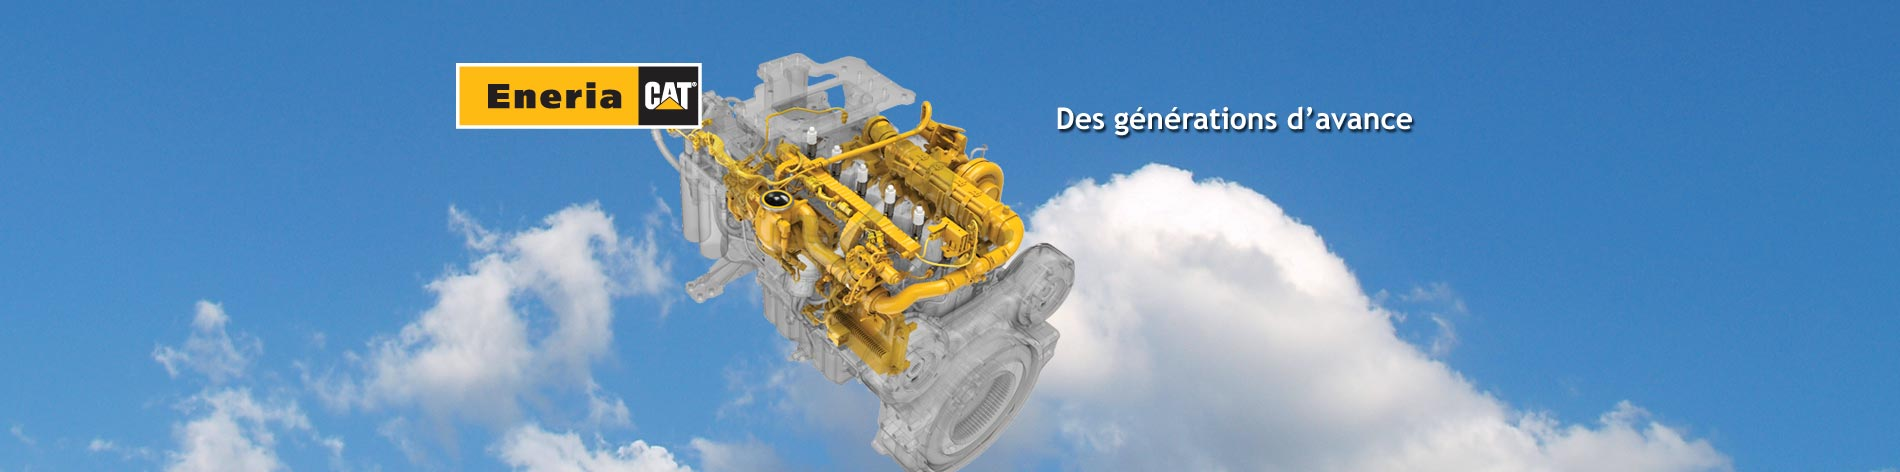 Forte de décennies d'innovation et d'expertise dans le domaine des moteurs diesel, Caterpillar fait un nouveau pas en avant et propose le meilleur de la technologie.